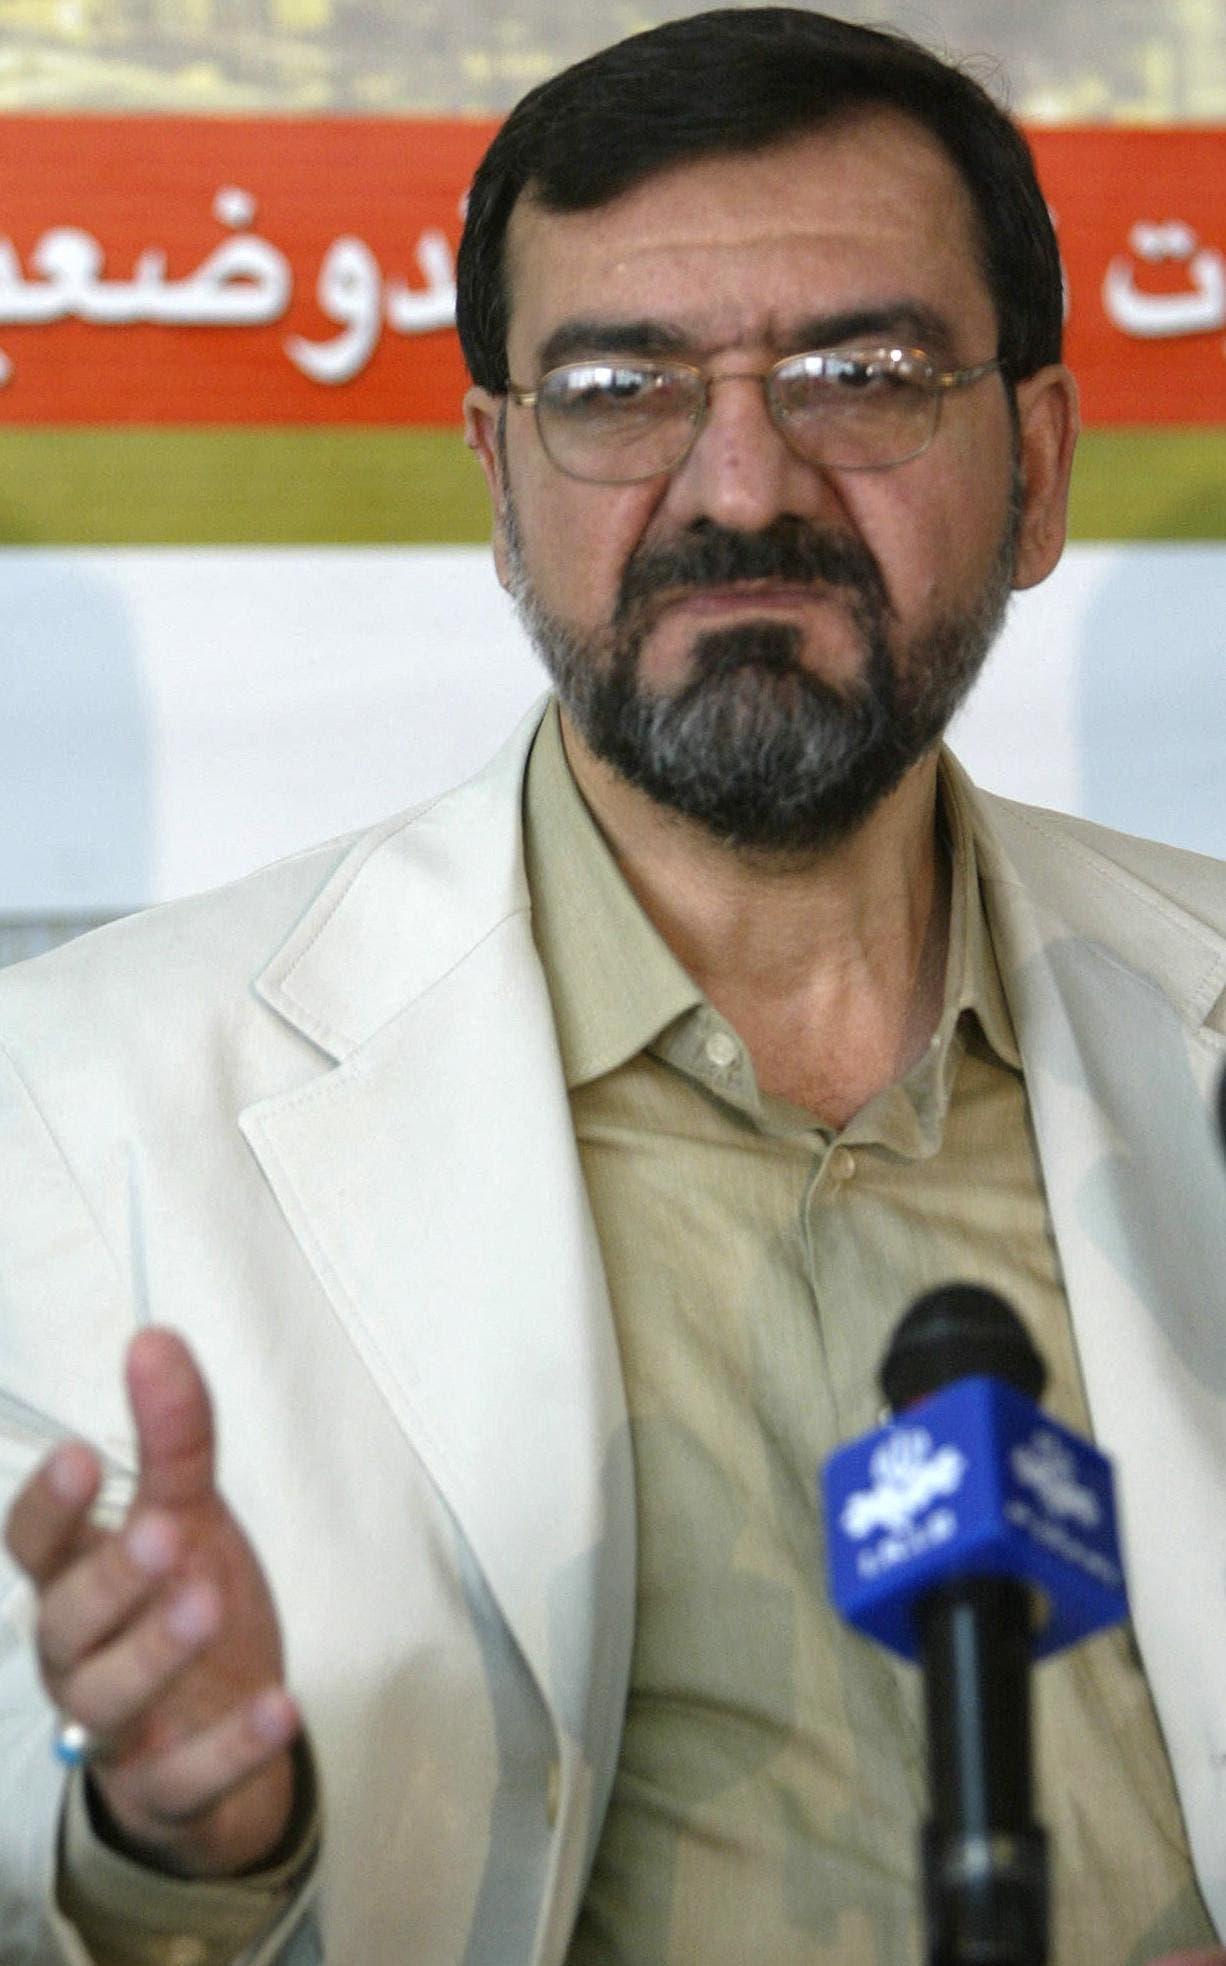 سكرتير تشخيص مصلحة النظام في إيران، محسن رضائي (أرشيفية- فرانس برس)